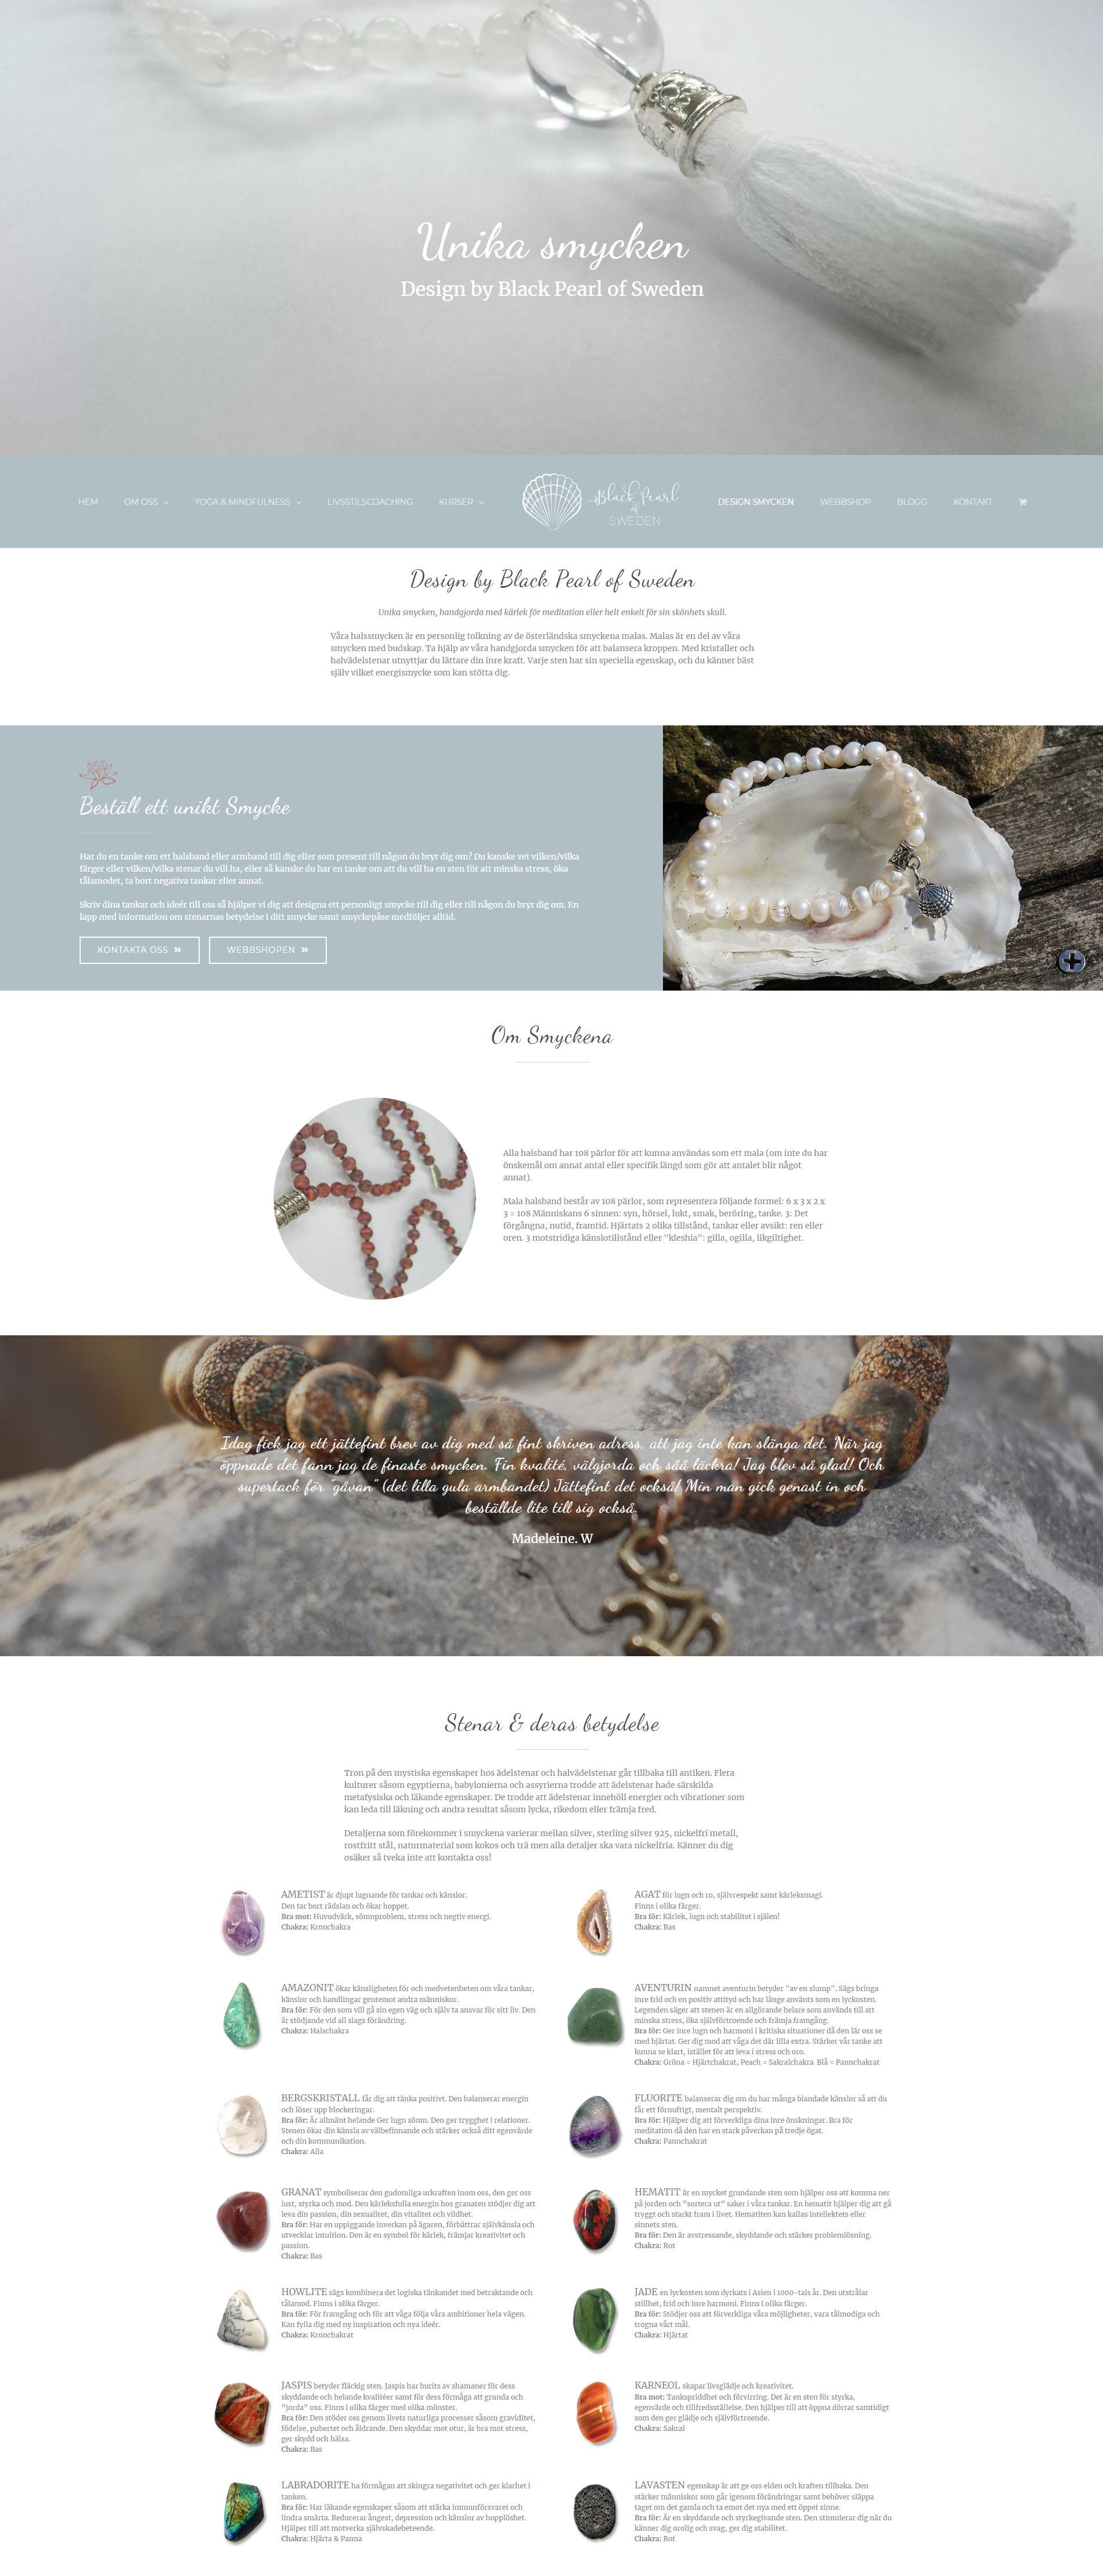 Black Pearl of Sweden Web Design